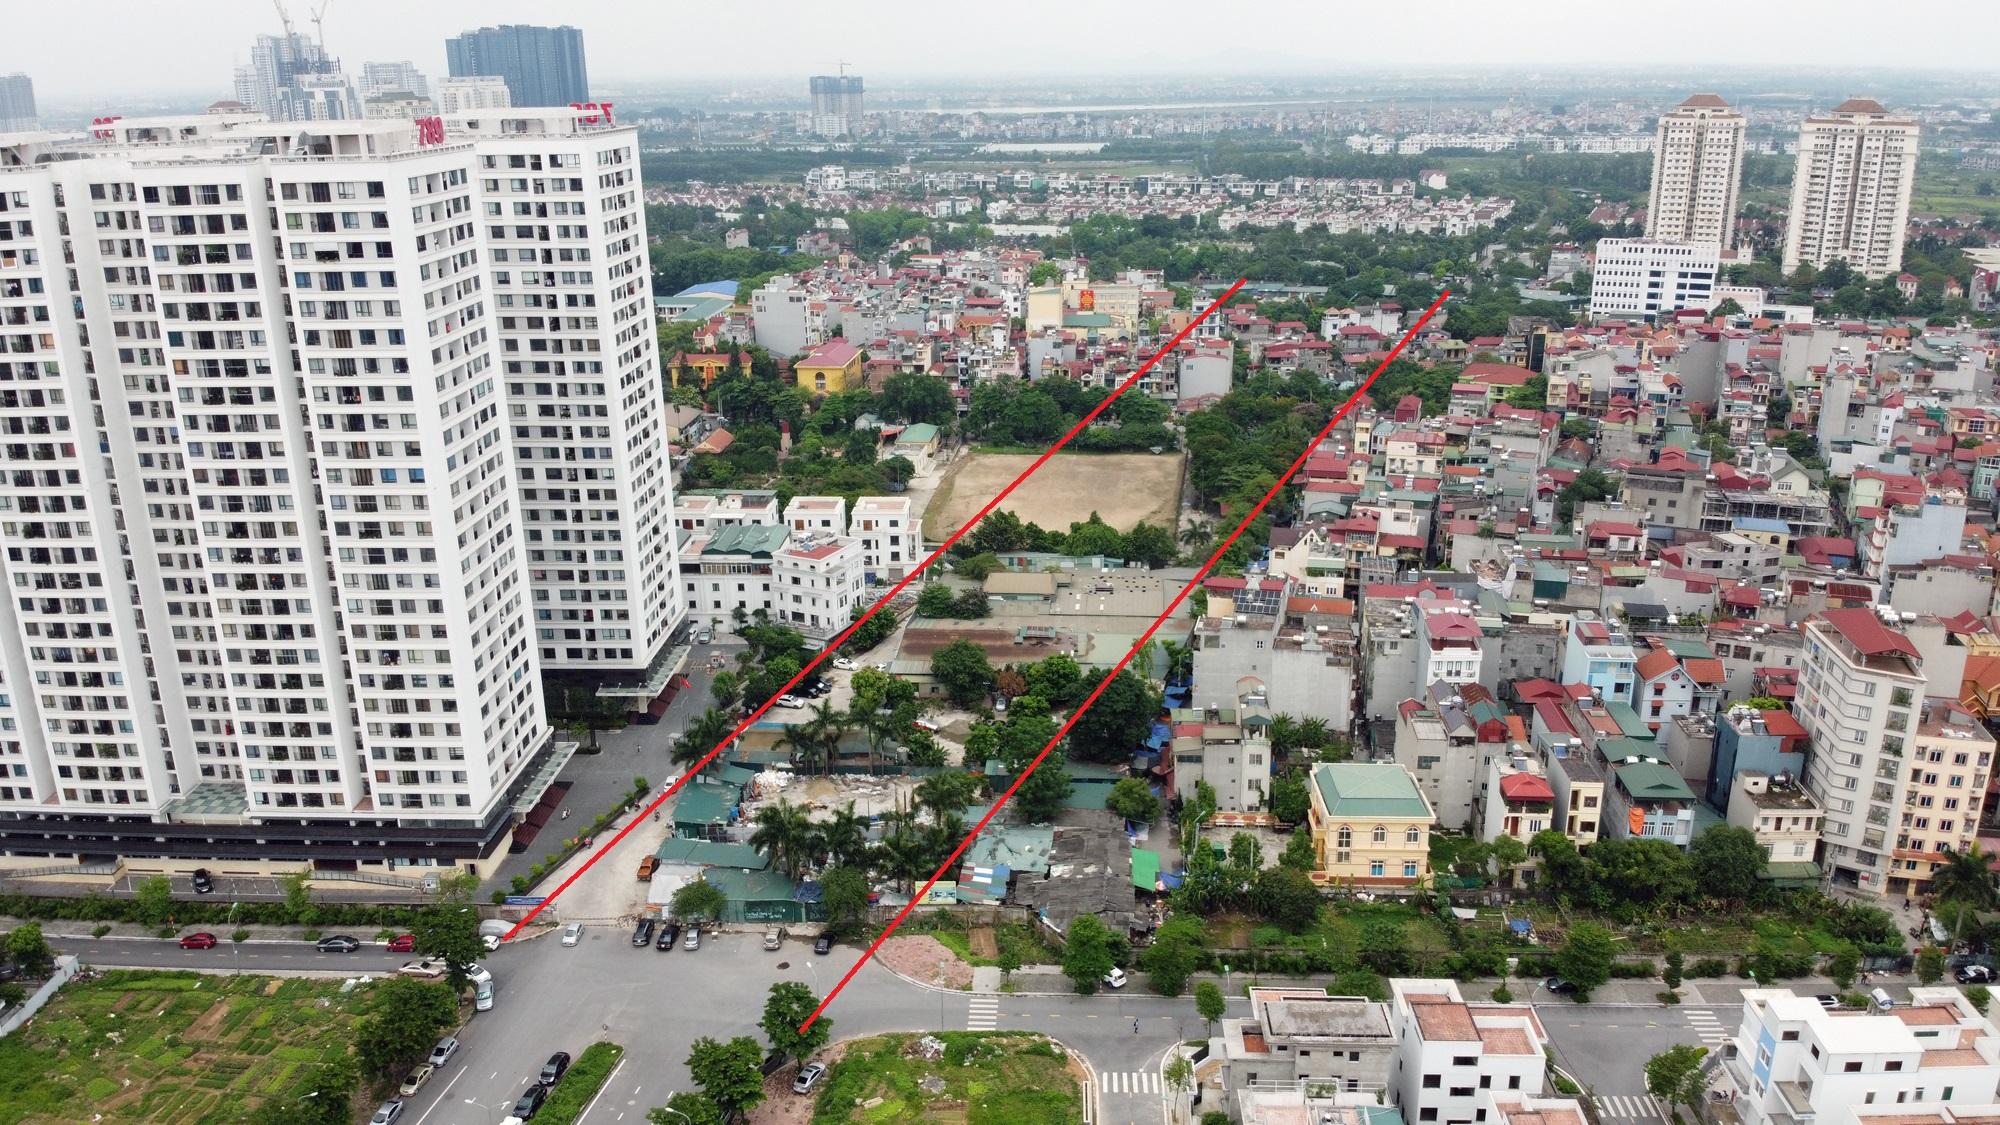 3 đường sẽ mở theo qui hoạch ở phường Xuân Đỉnh, Bắc Từ Liêm - Ảnh 15.